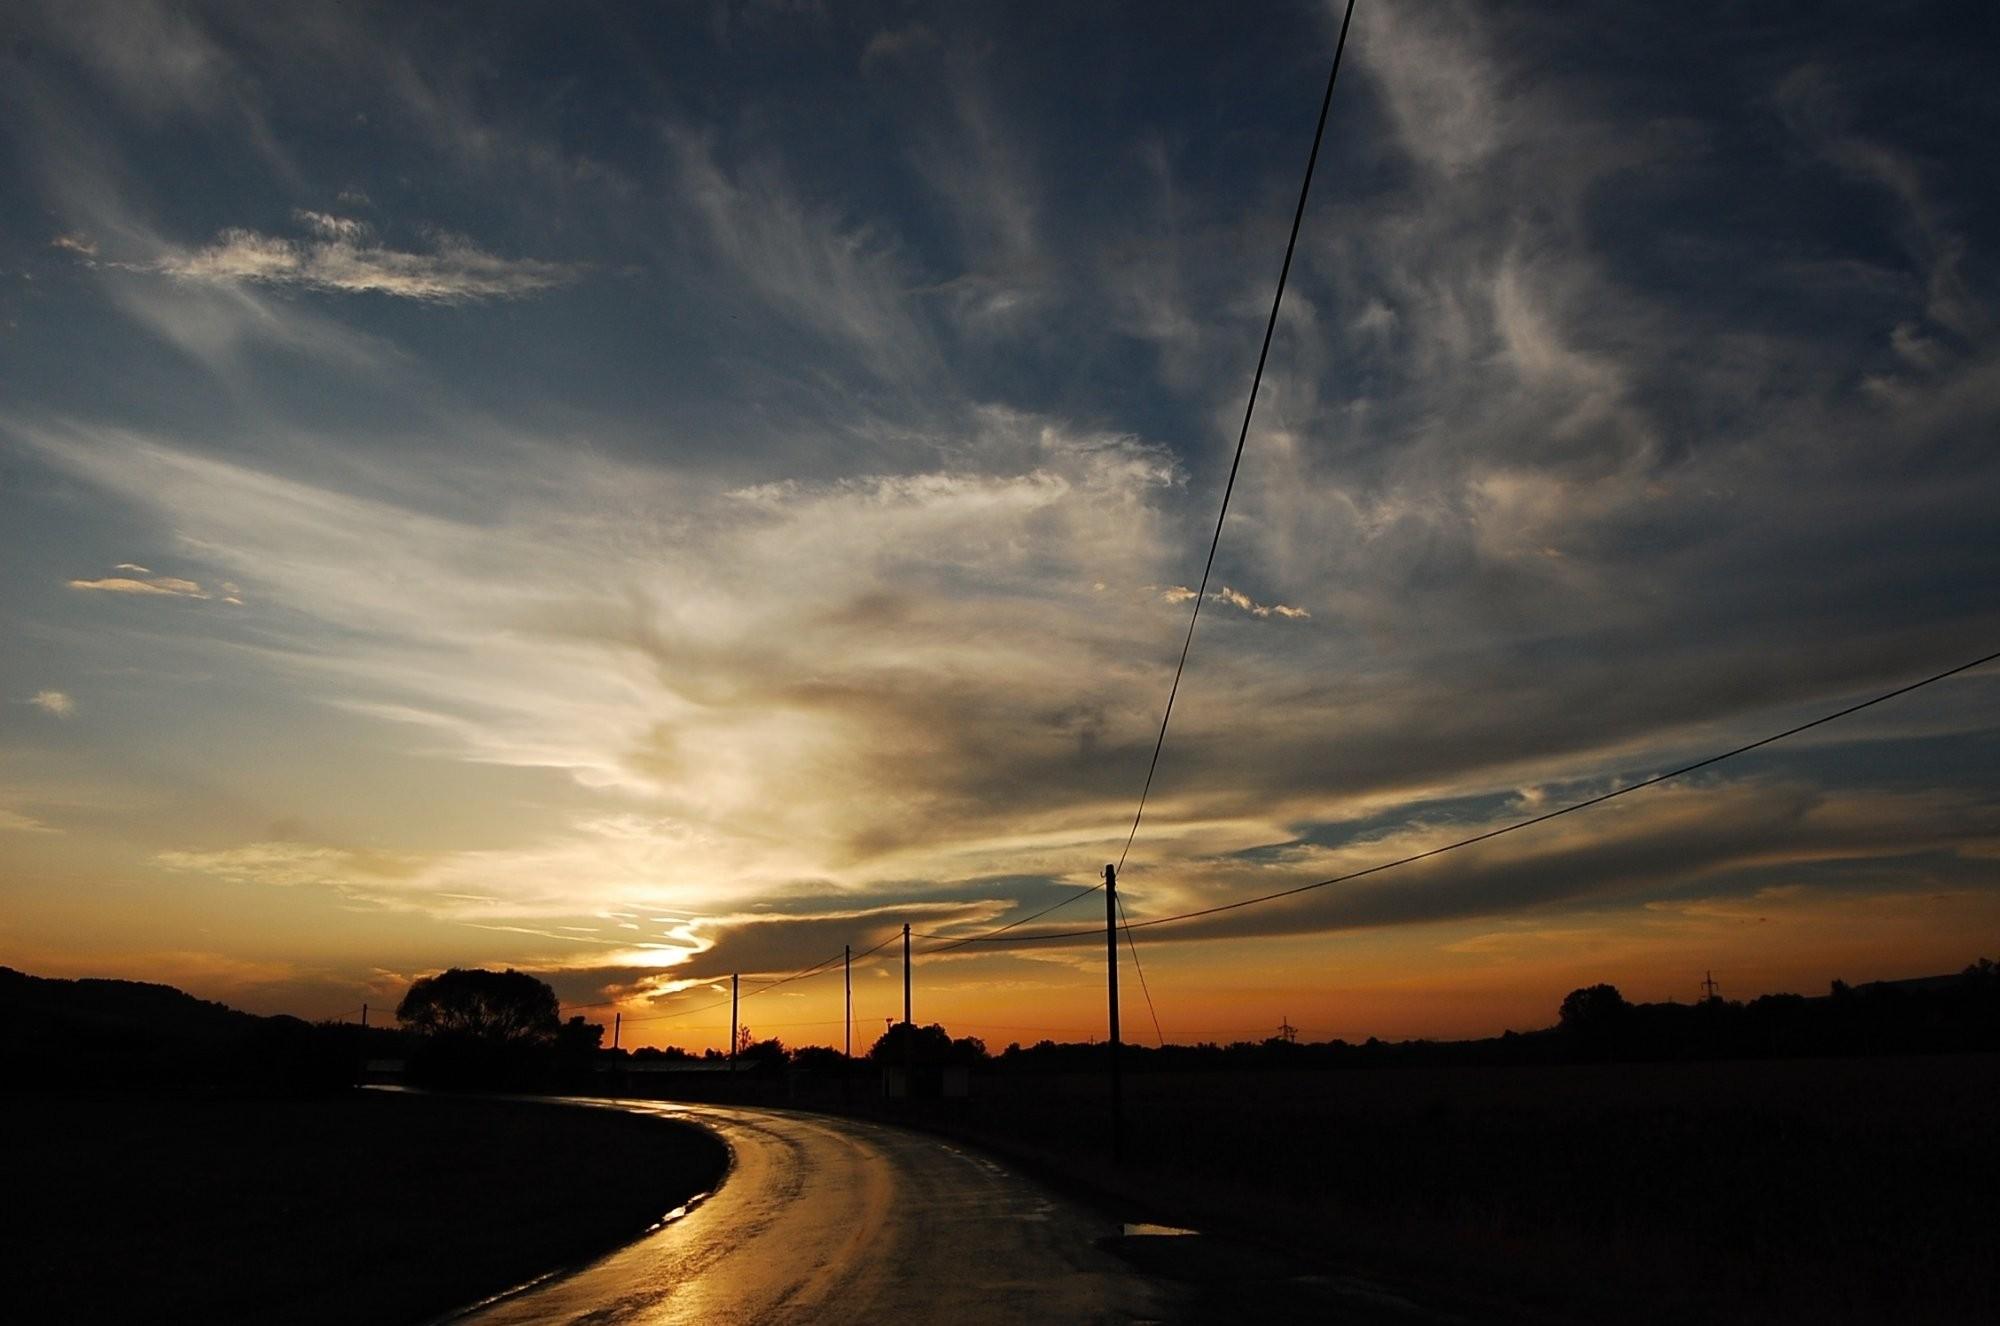 Západ slunce po bouřce